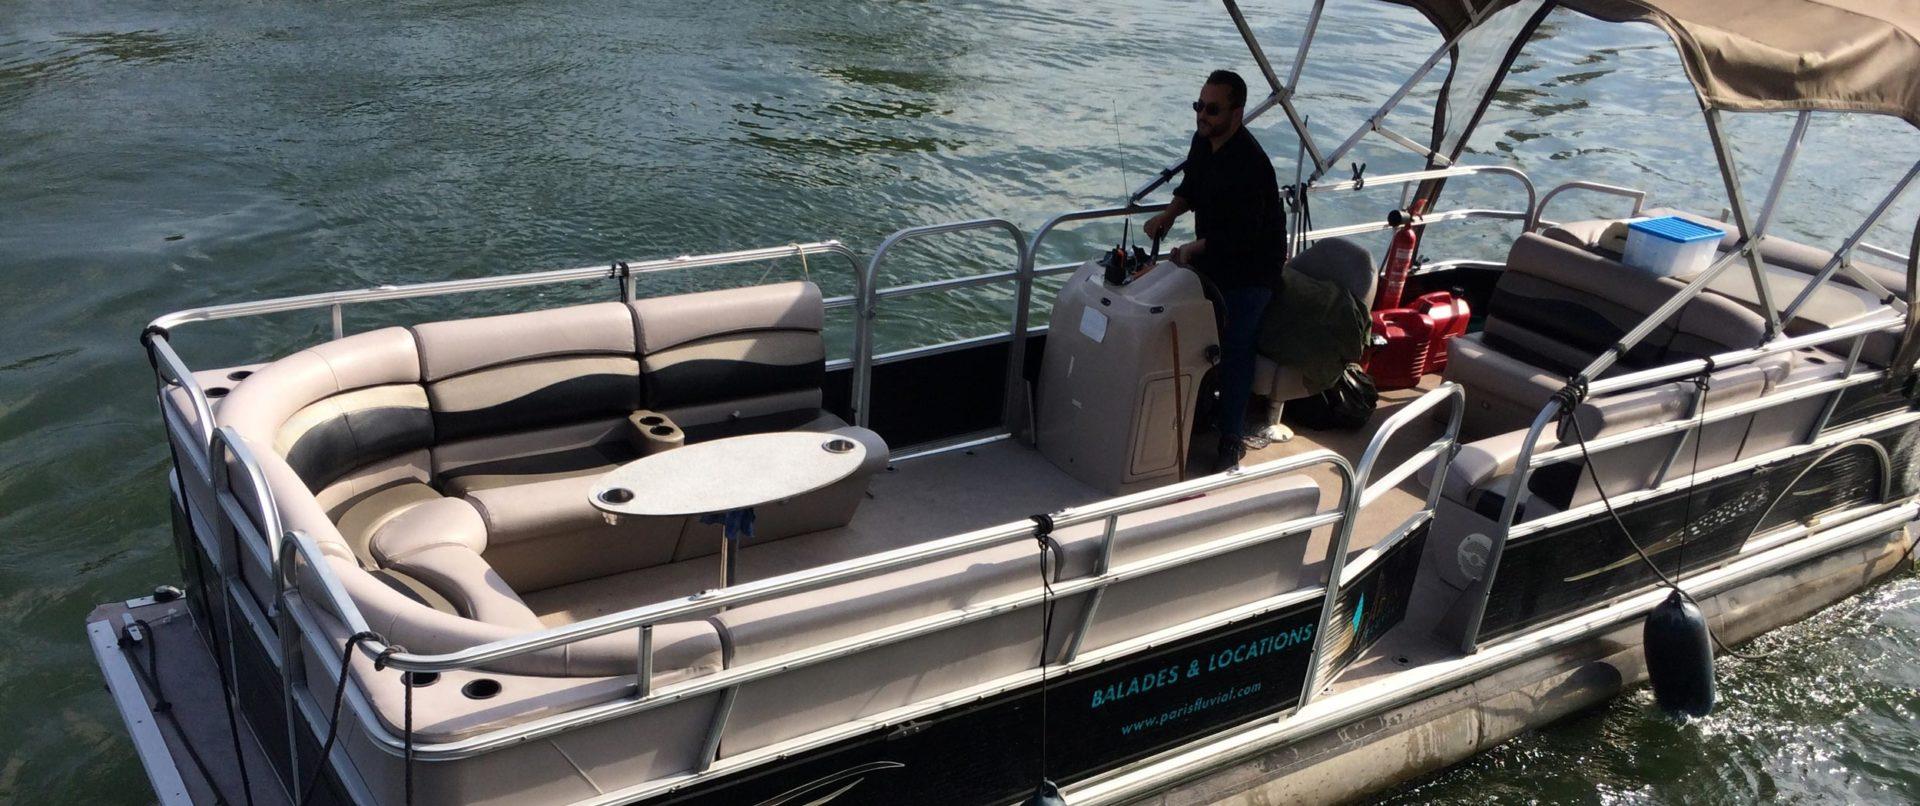 paris-river-cruise-seine-boat-private